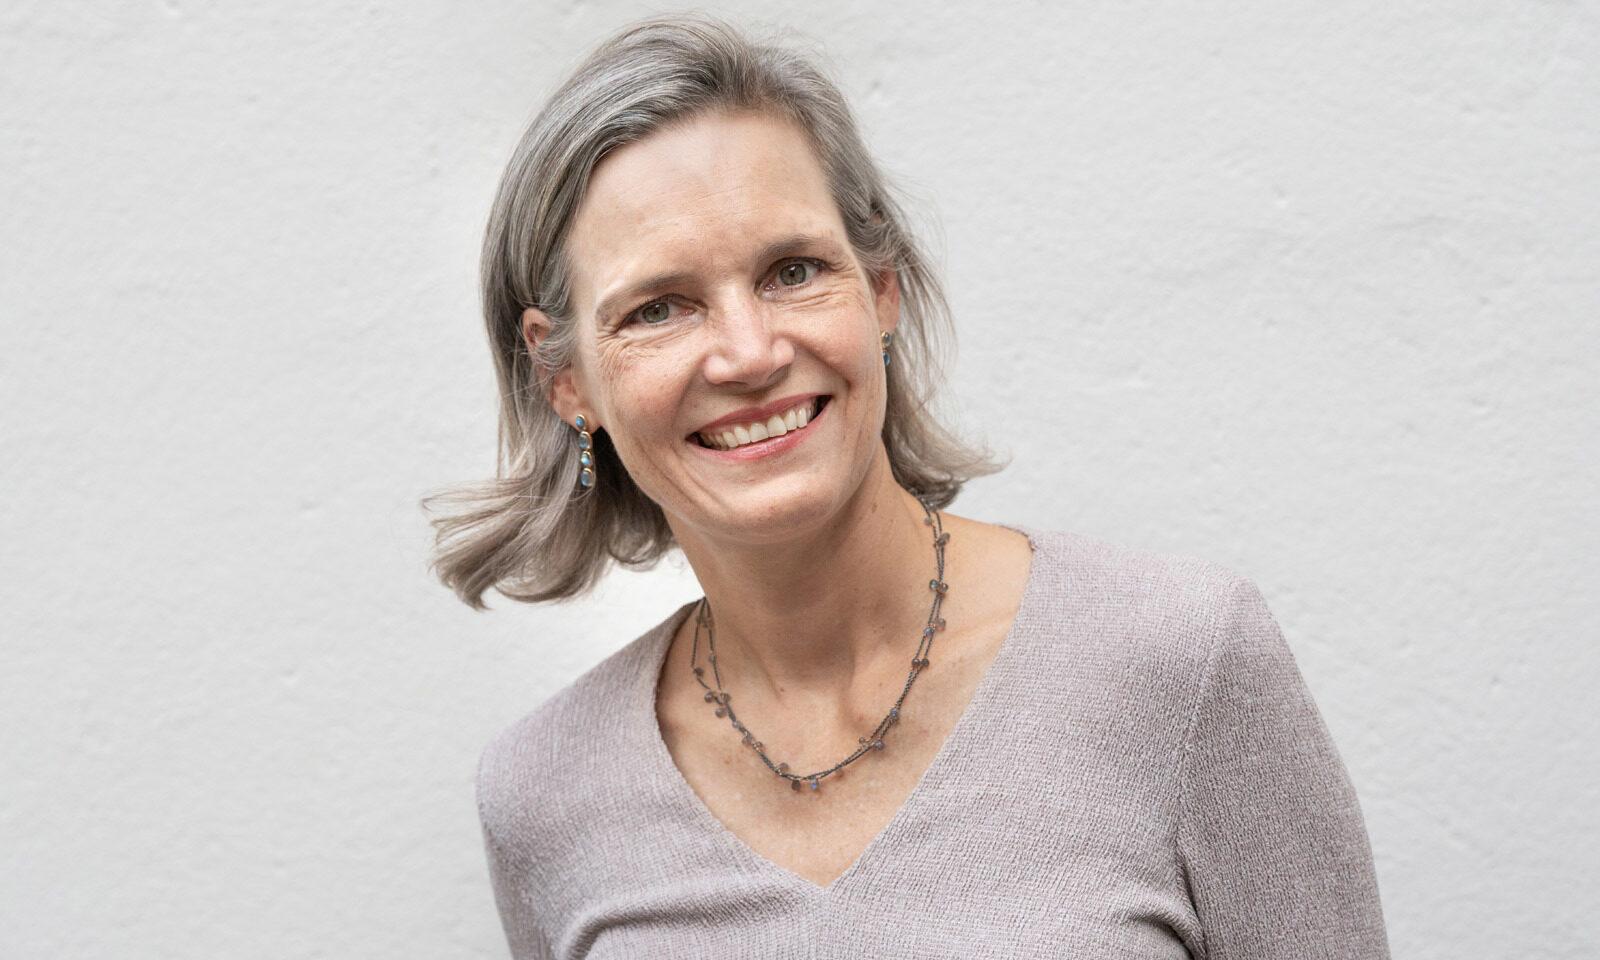 Franziska Schaedelin Goldschmiedin. Franziska Schädelin, Goldschmiedin, Inhaberin und Geschäftsführerin